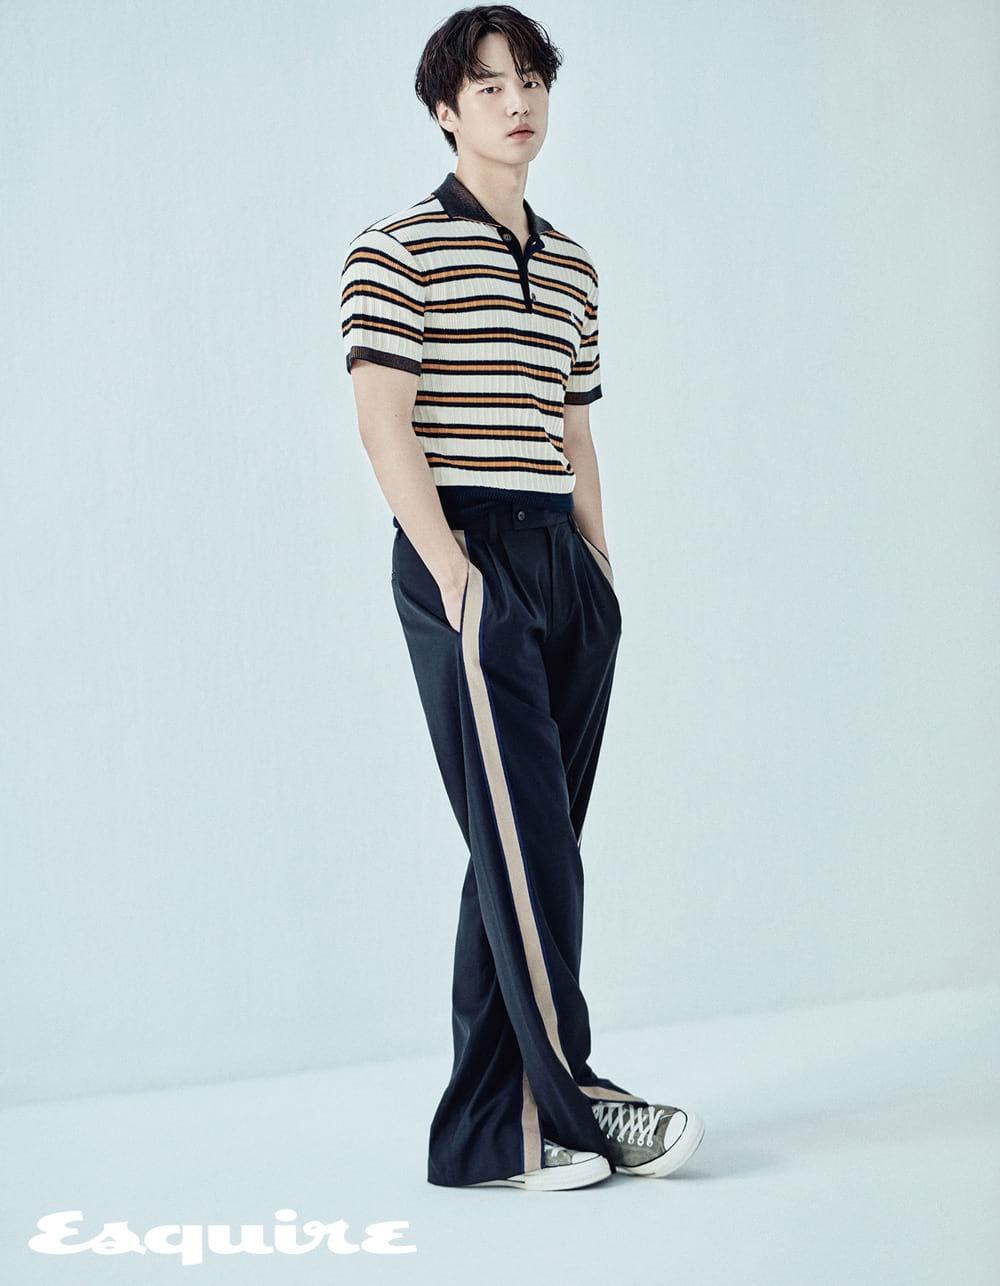 L'acteur coréen Yang Sejong nous offre un superbe photoshoot dans le magazine Esquire Korea